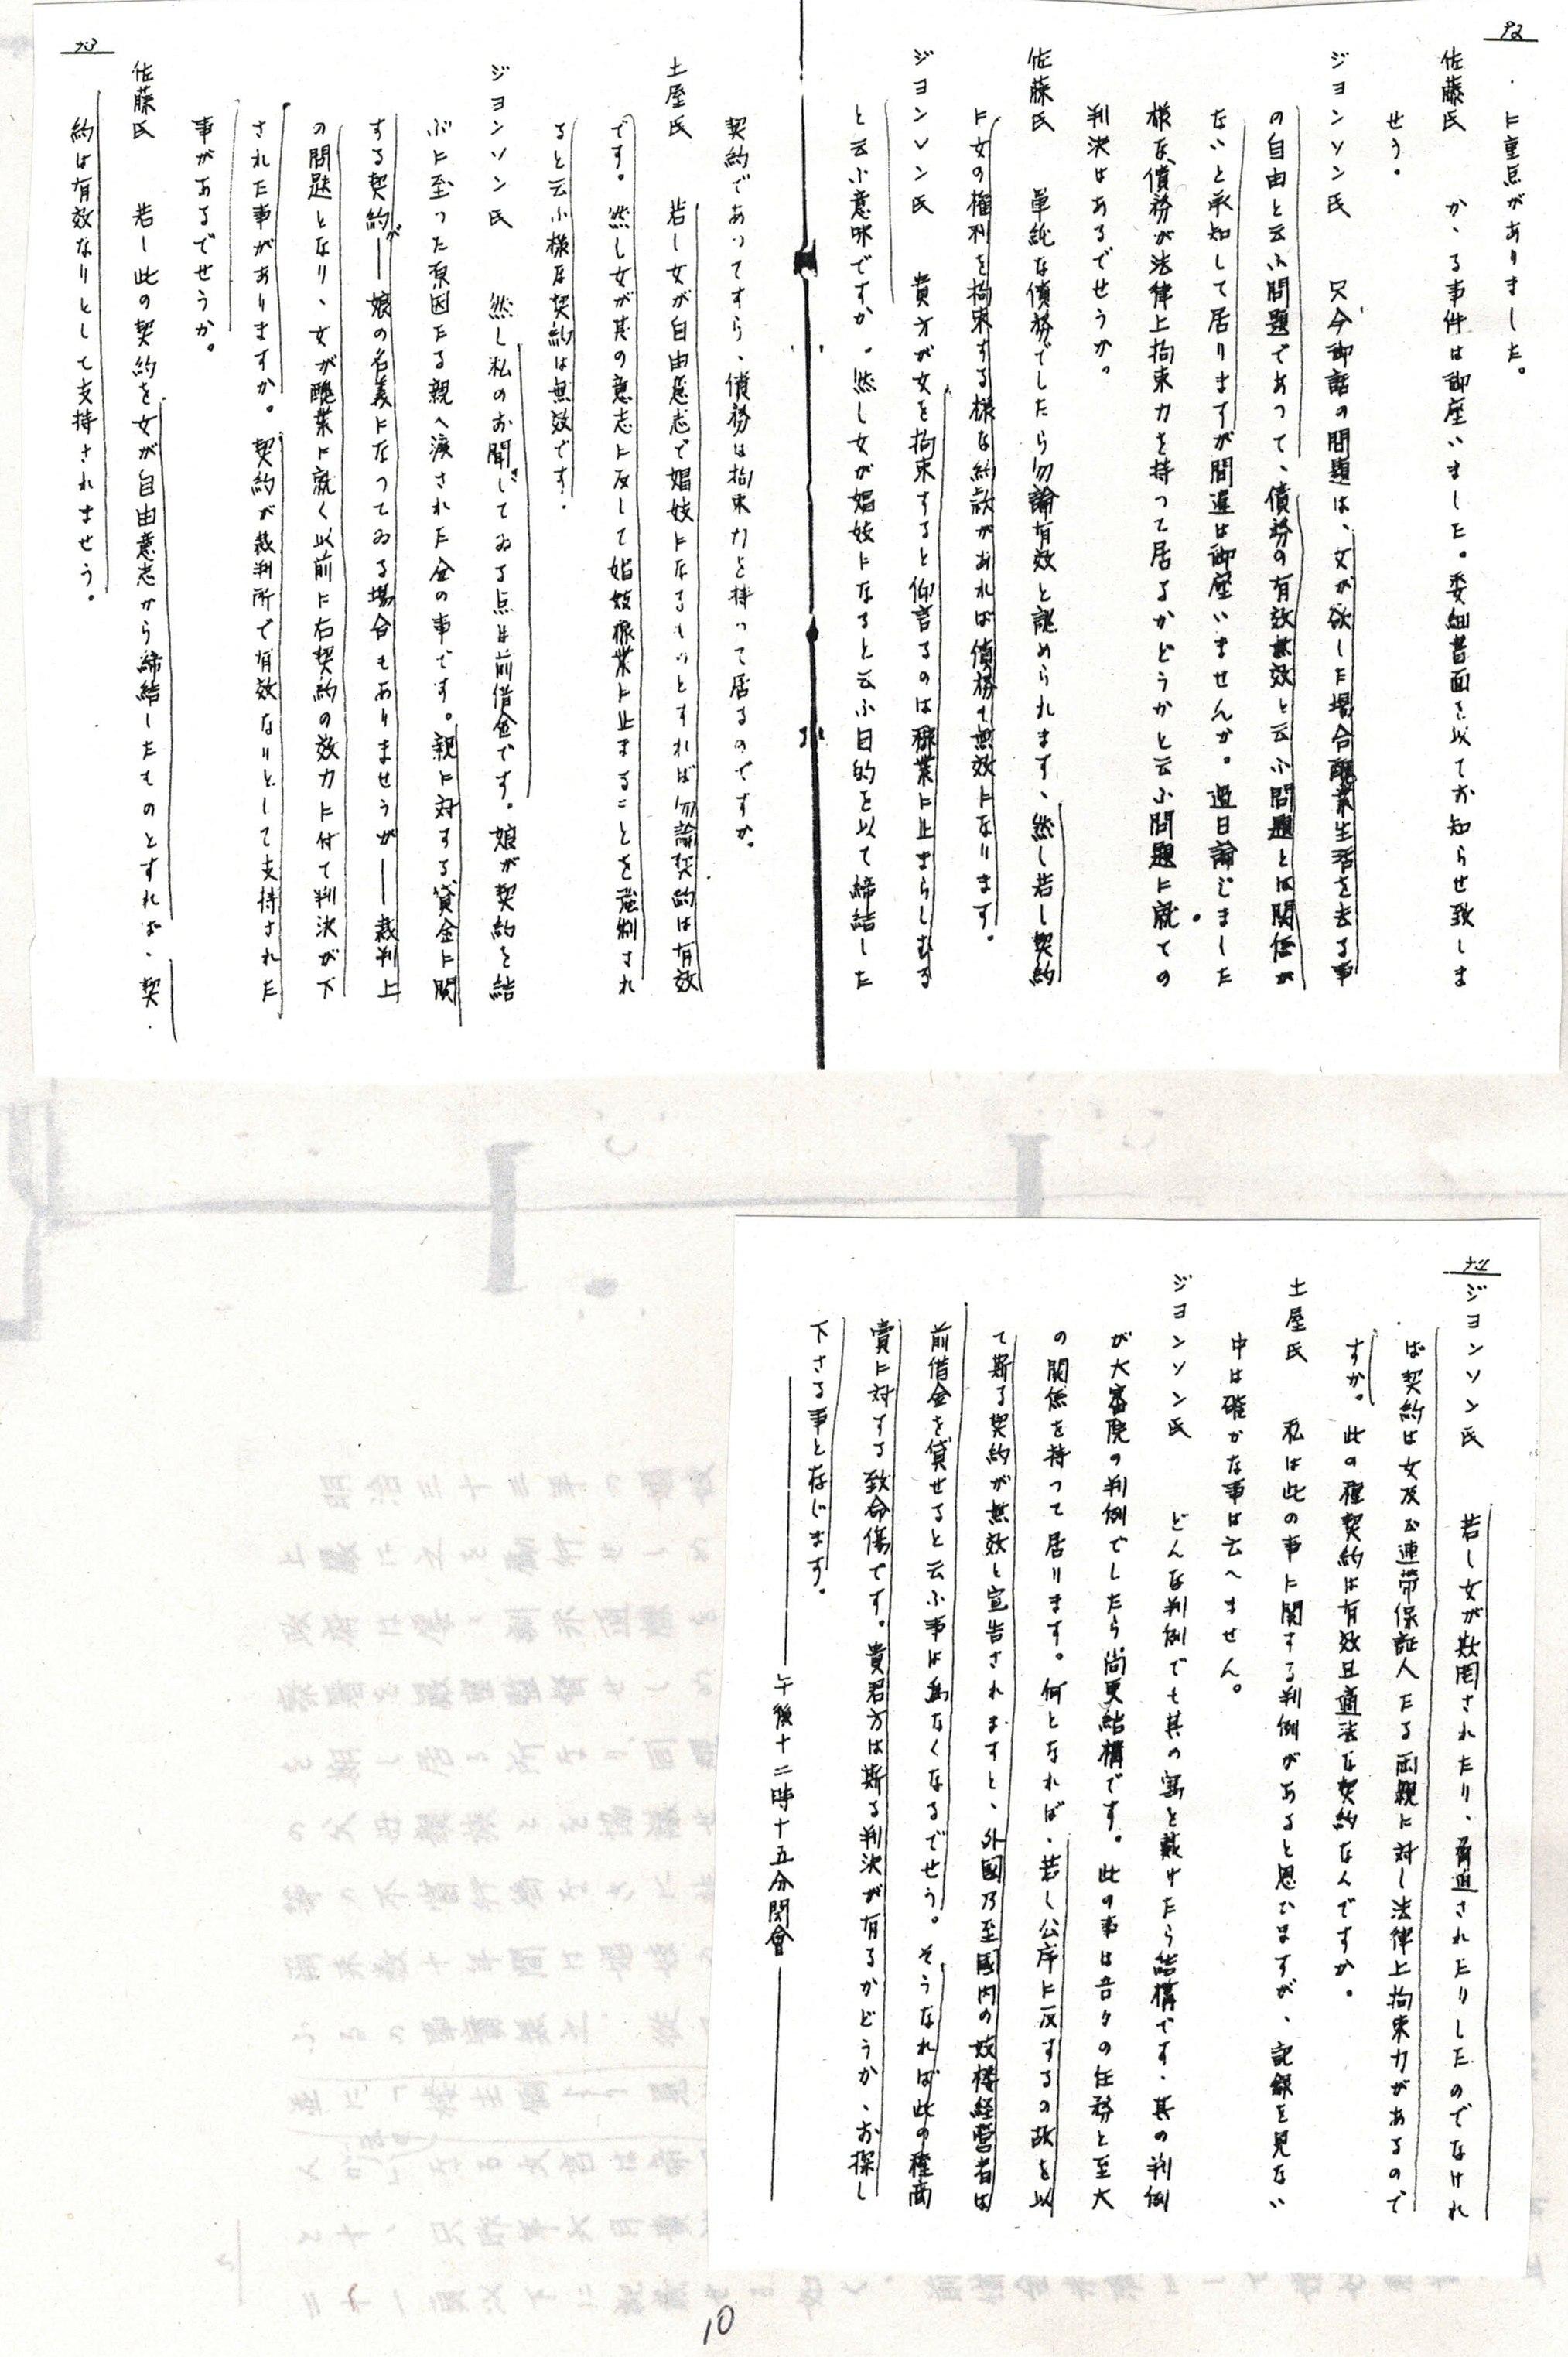 東洋に於ける婦人児童売買実地調査委員内務大臣官邸会議議事録要訳